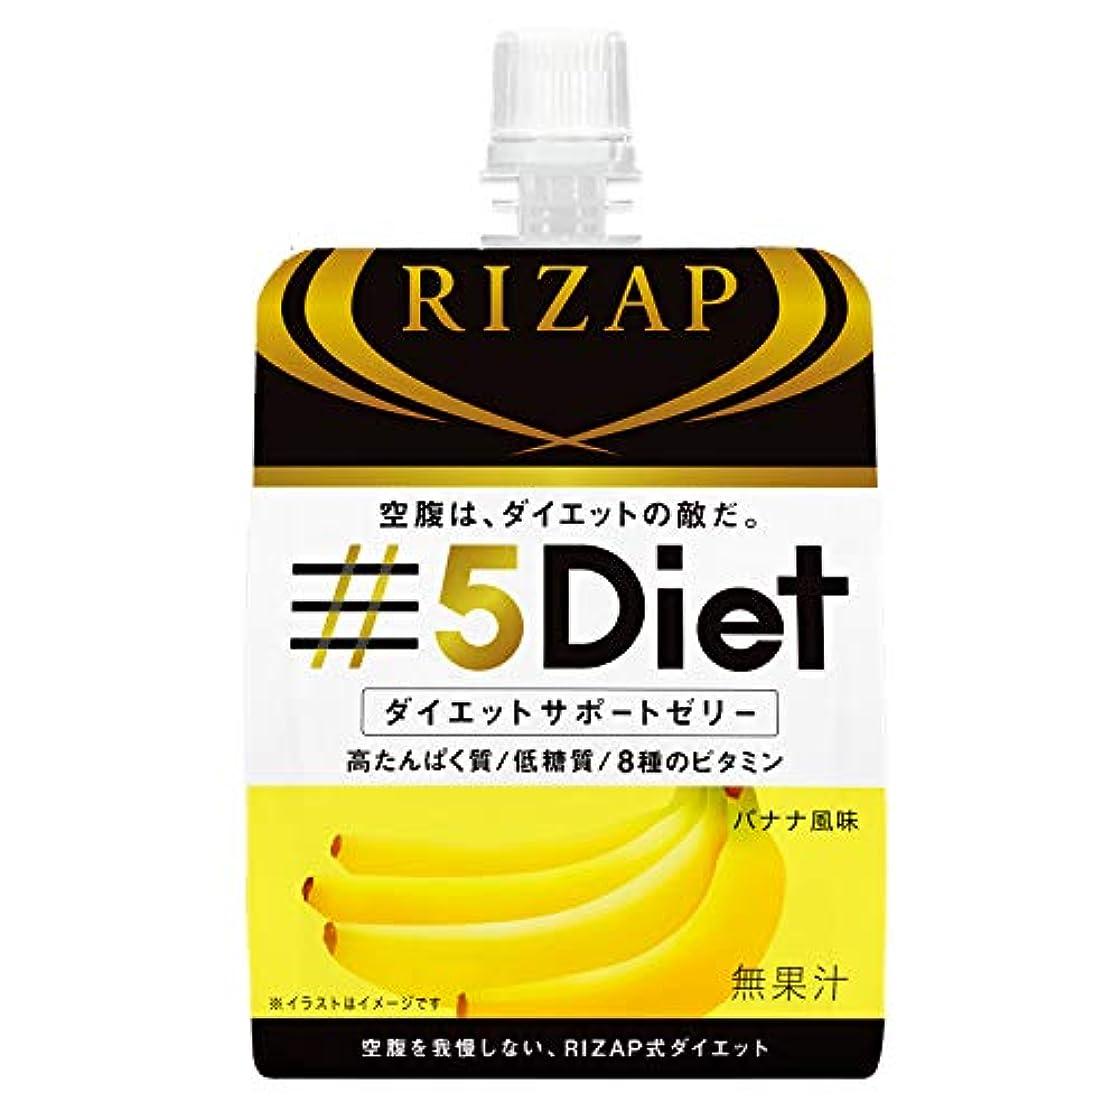 上陸再生枕RIZAP ライザップ 5Diet ダイエットサポートゼリー バナナ風味(180g×6個)×5箱